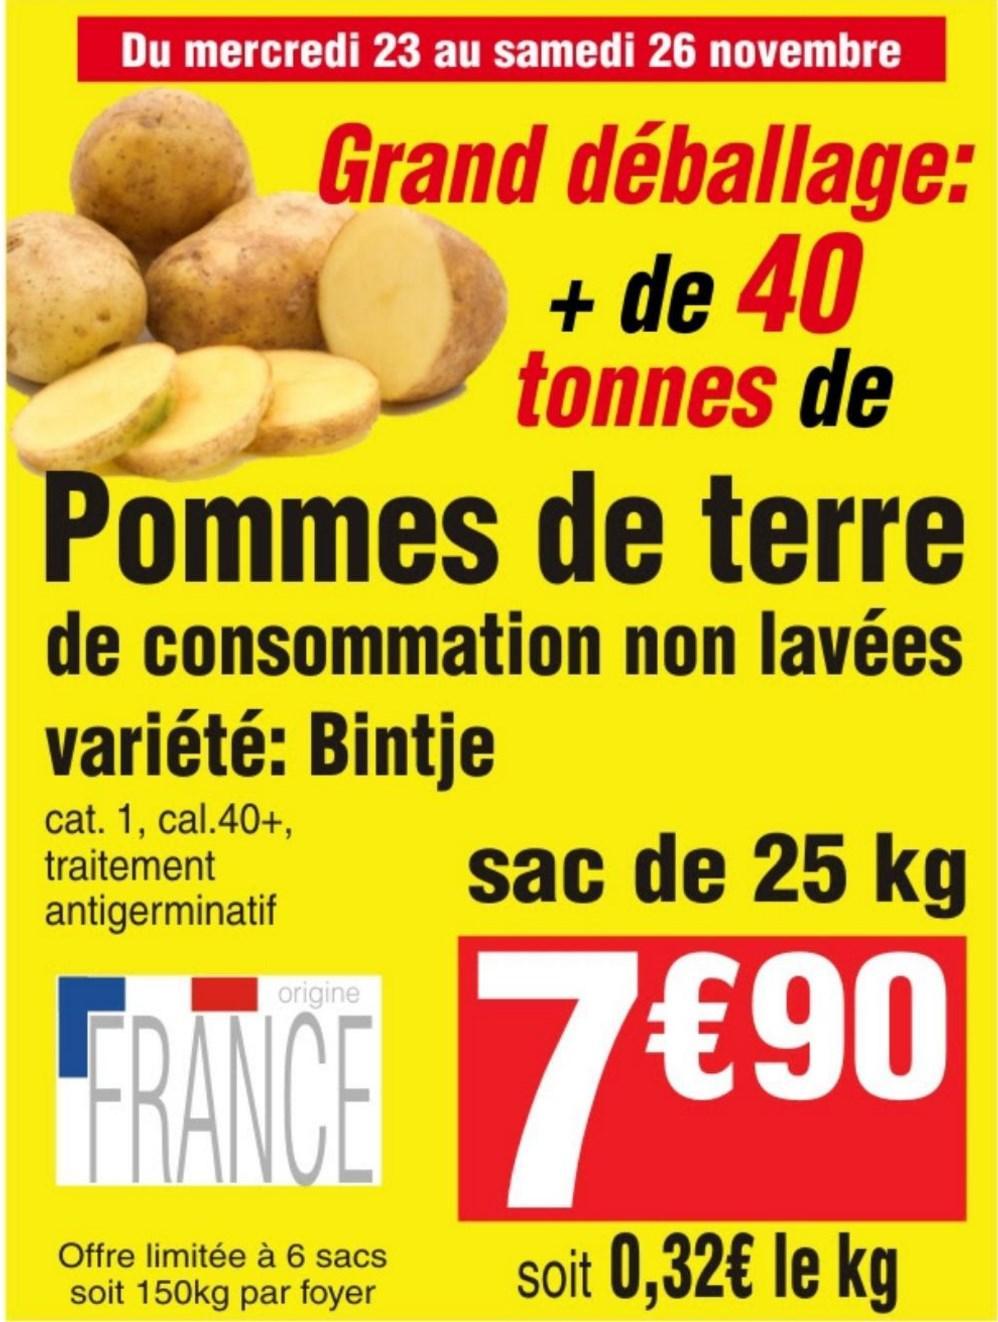 Sac de 25 Kg de Pommes de terre - Catégorie 1, Calibre 40+